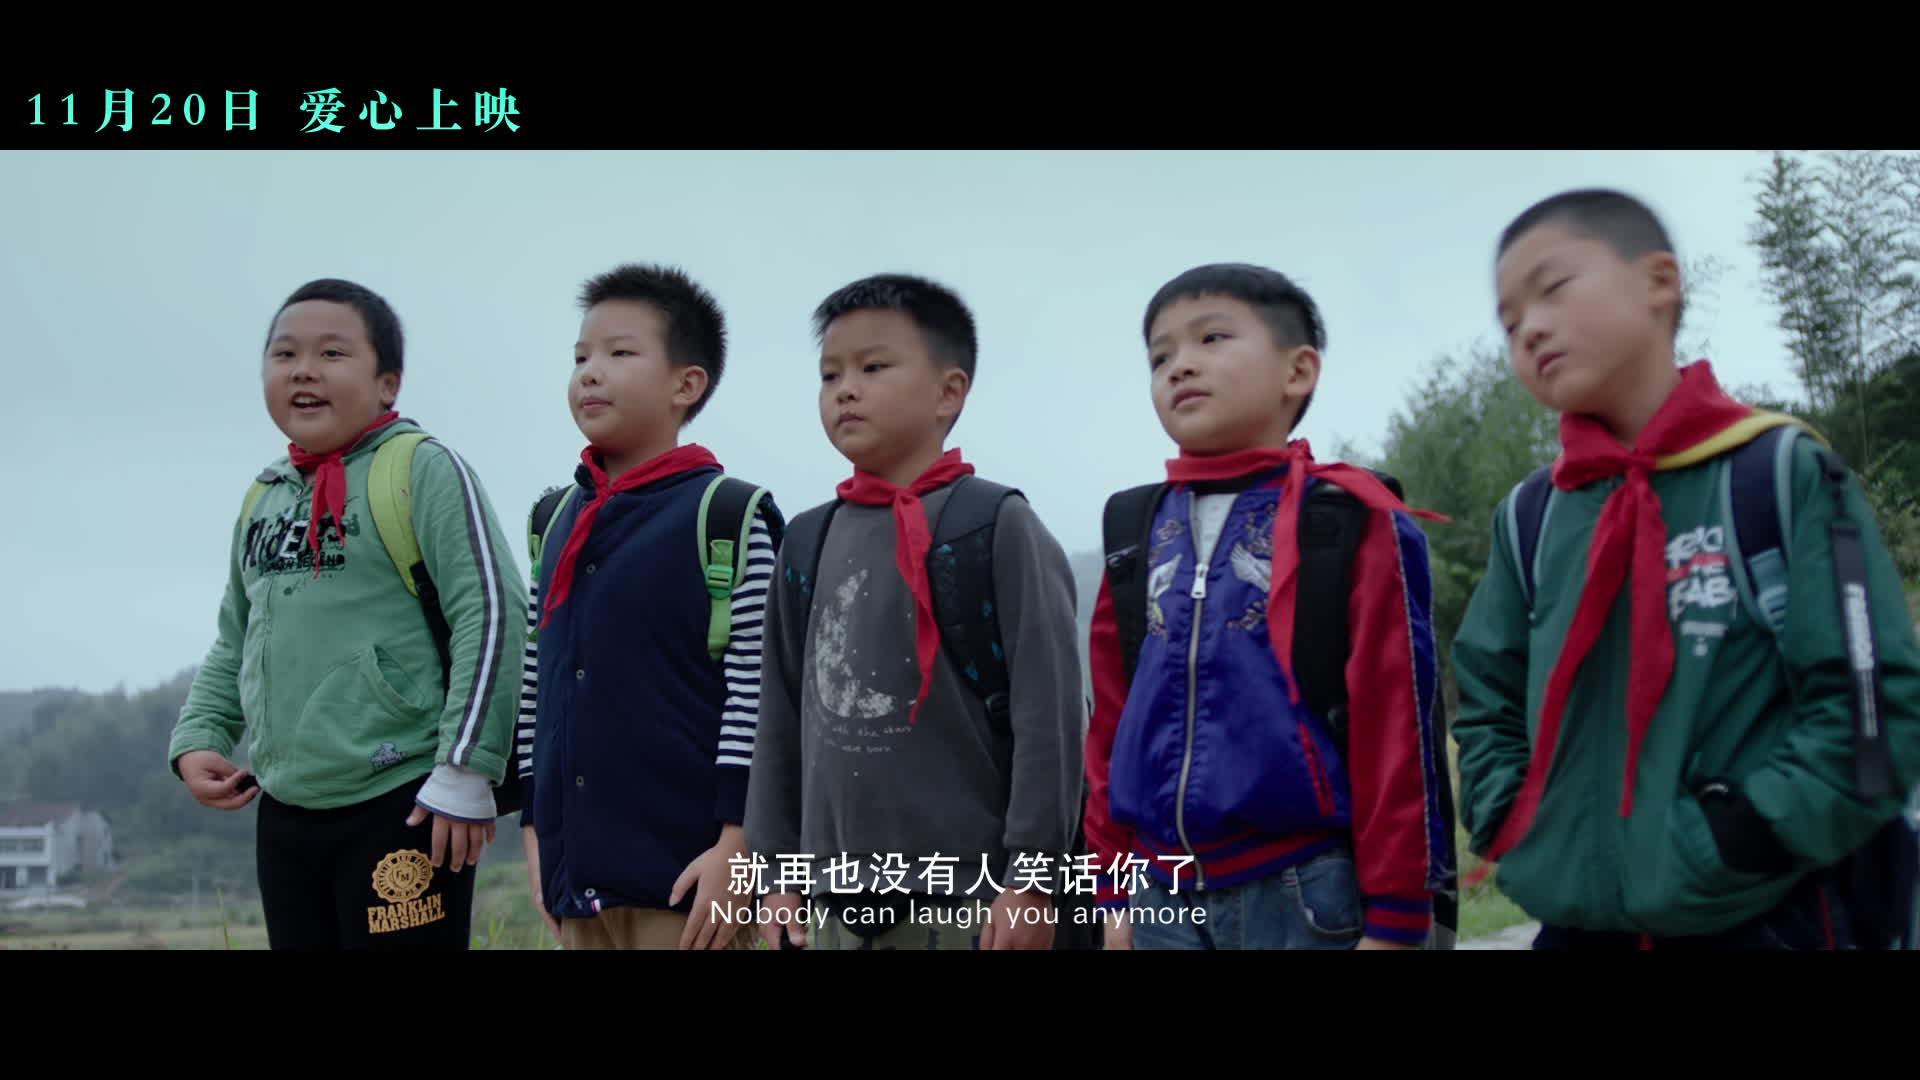 留守儿童公益电影《正正的世界》11月20日爱新上映